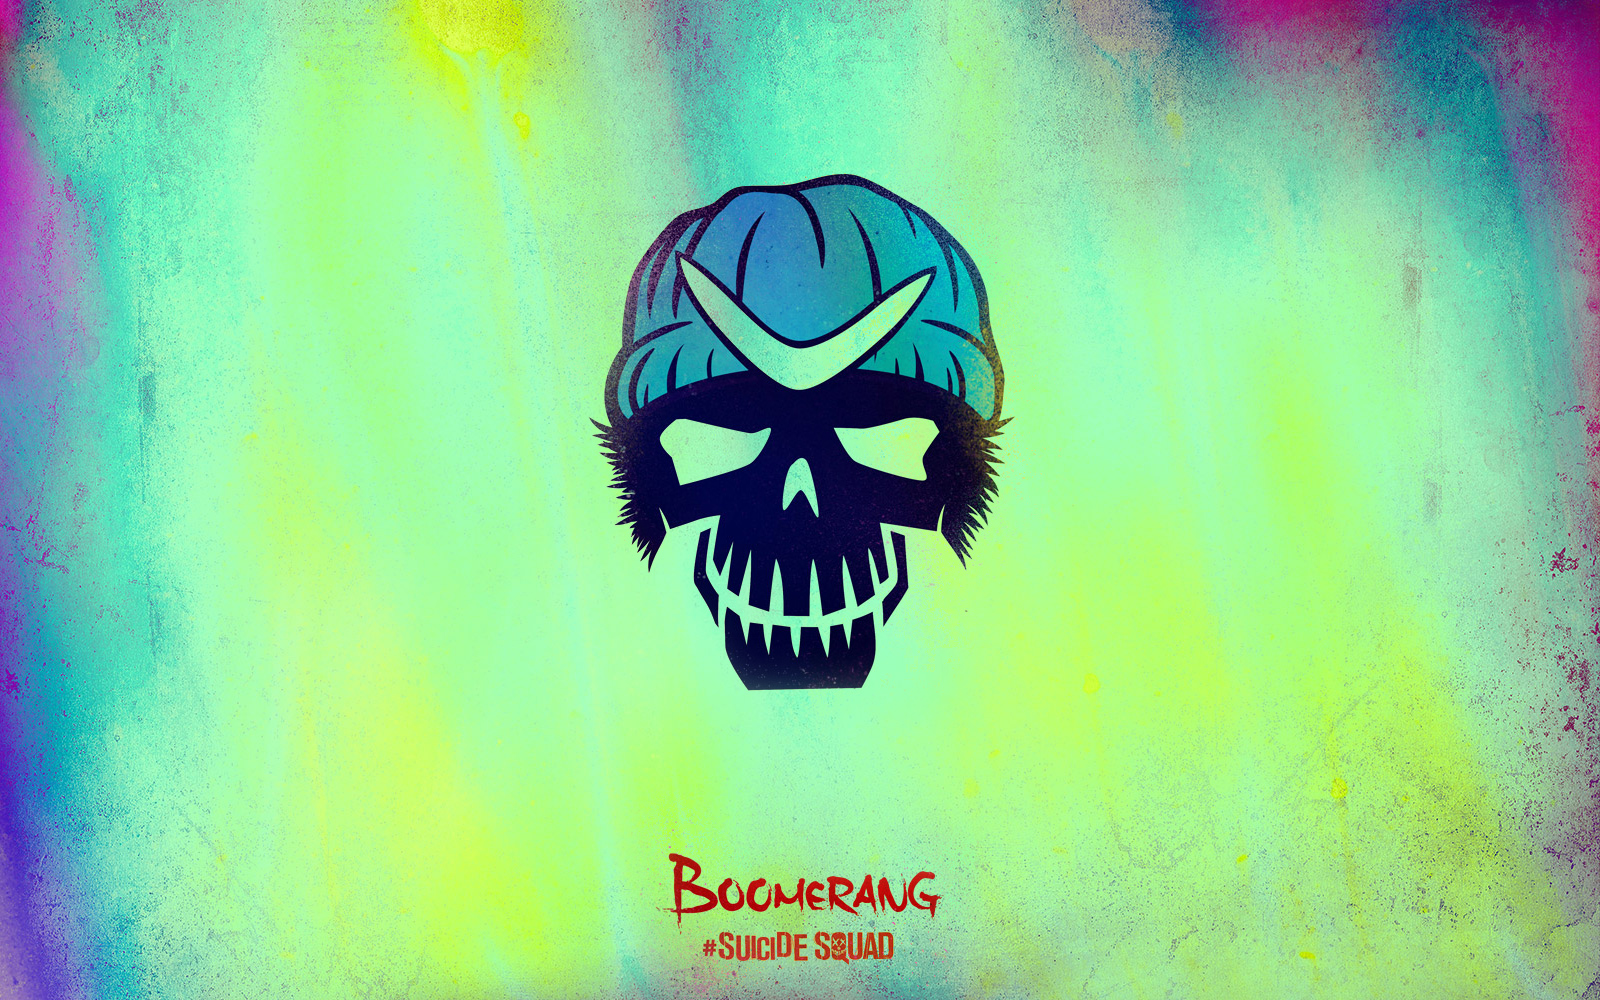 Captain Boomerang Images Captain Boomerang Skull Wallpaper Hd Wallpaper And Background Photos